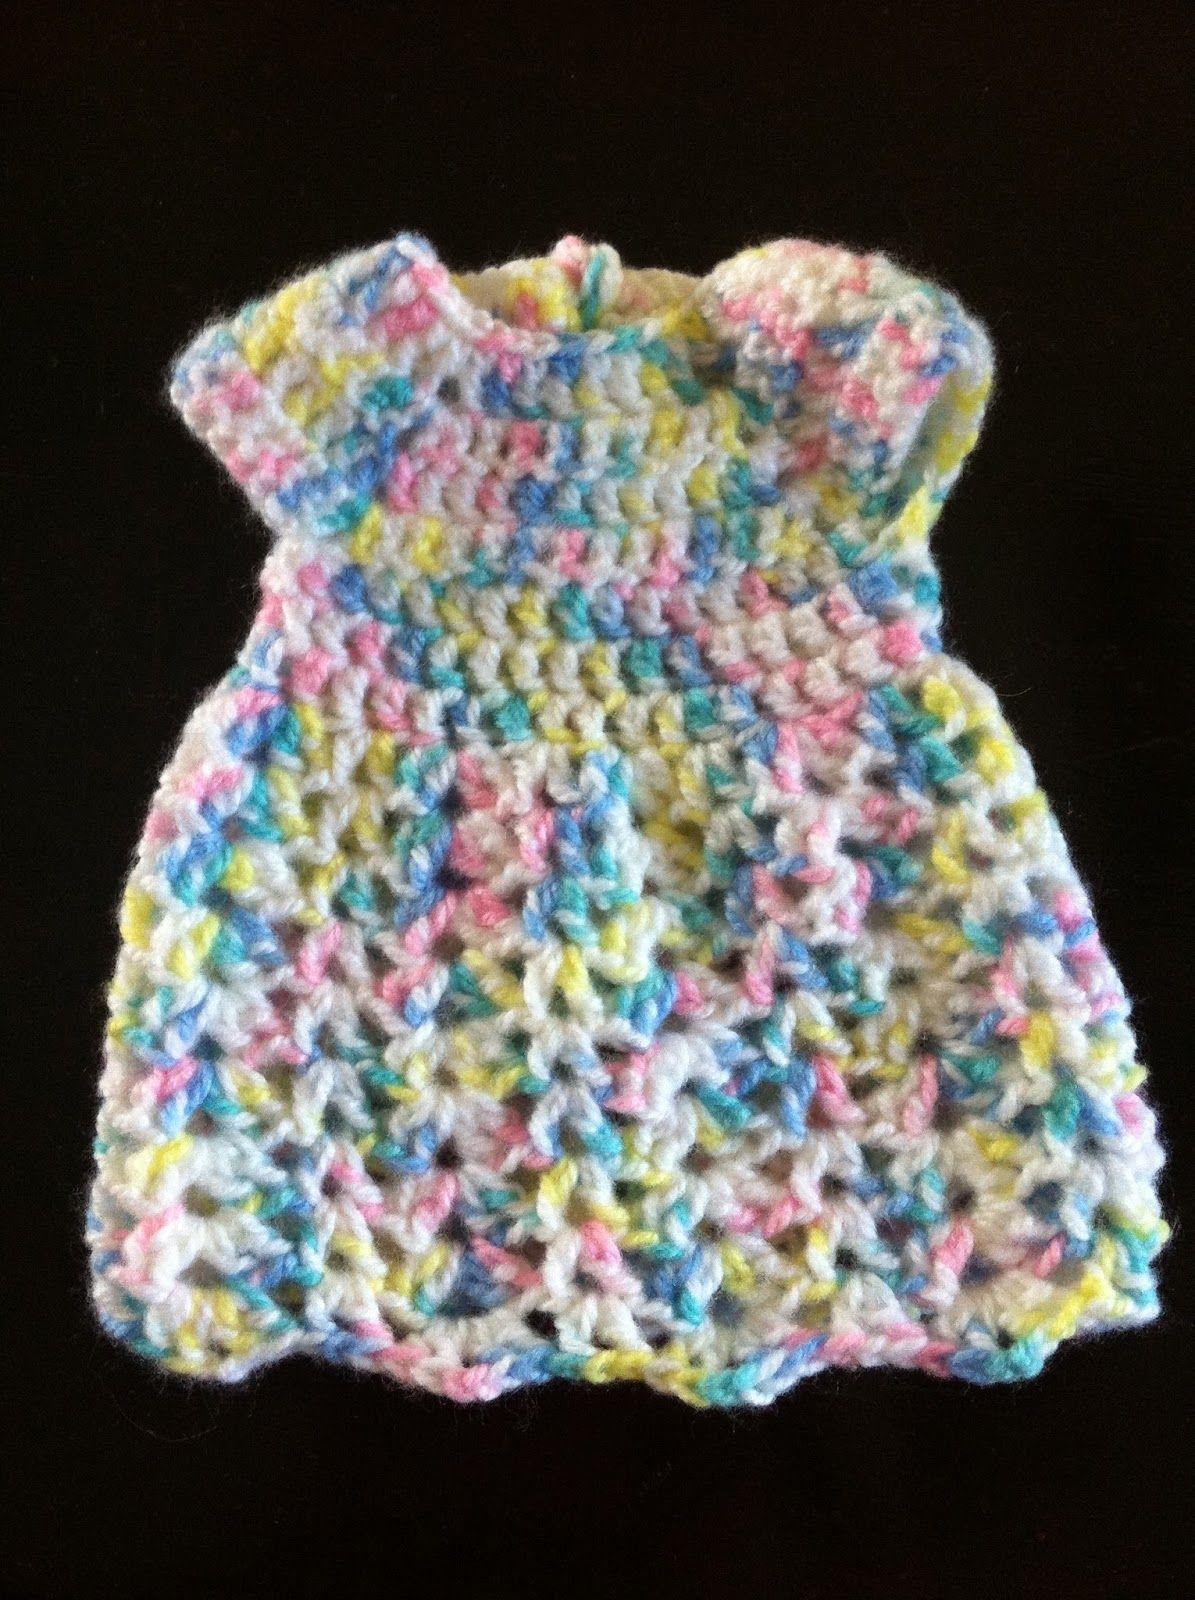 IMG_6298.JPG 1,195×1,600 pixels | Crochet | Pinterest